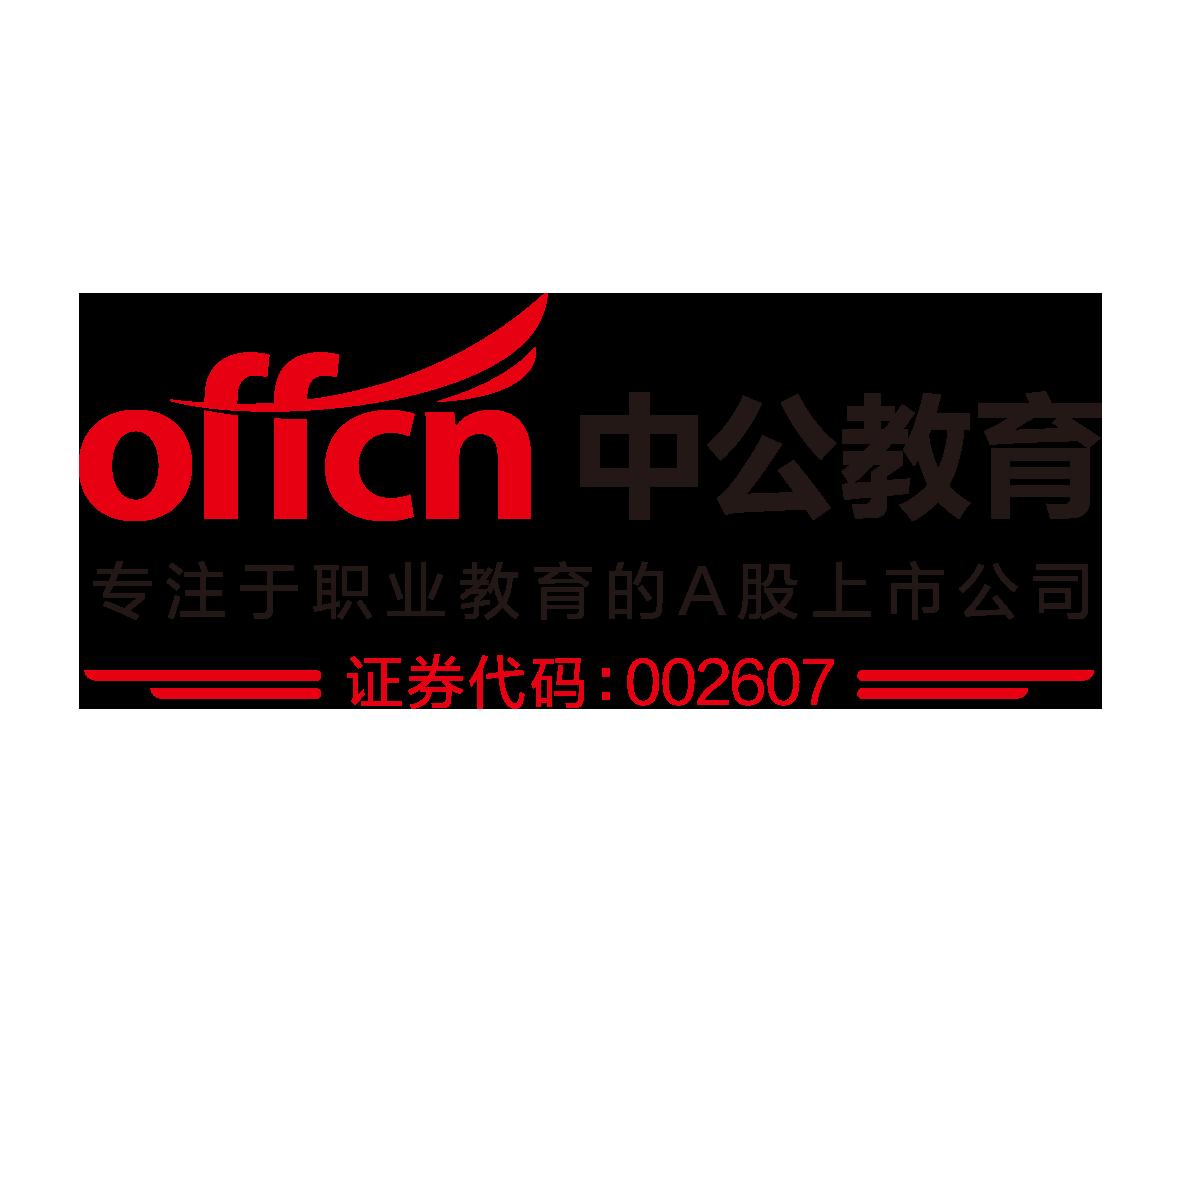 北京中公教育股份科技有限公司海南分公司宣讲会